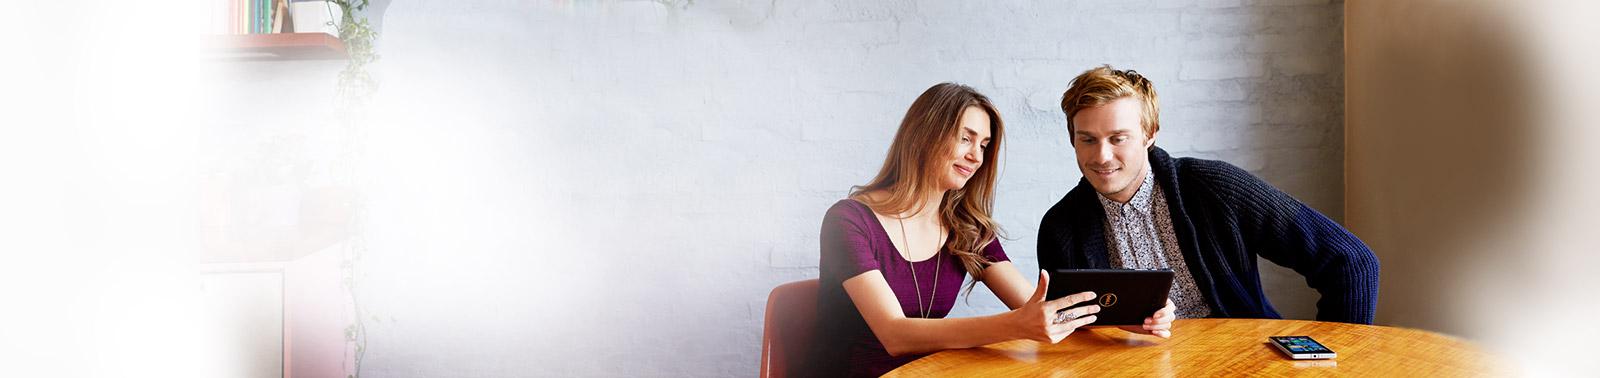 Une femme assise à une table montrant une tablette à un homme à ses côtés.